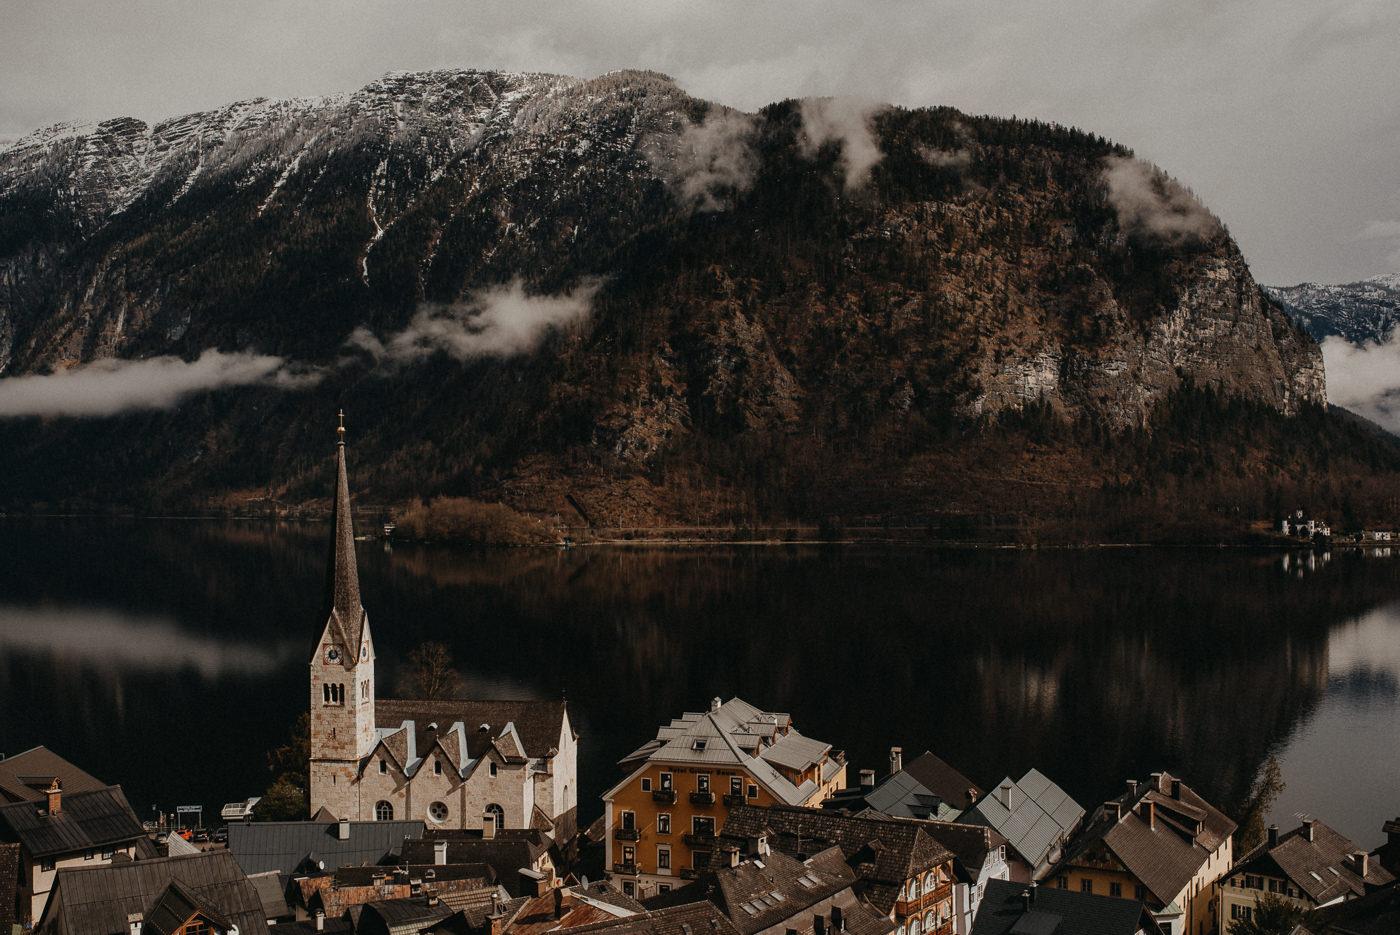 hochzeitsfotograf hallstatt wedding photographer austria 016 - Hallstatt Engagement Session & Secret Proposal